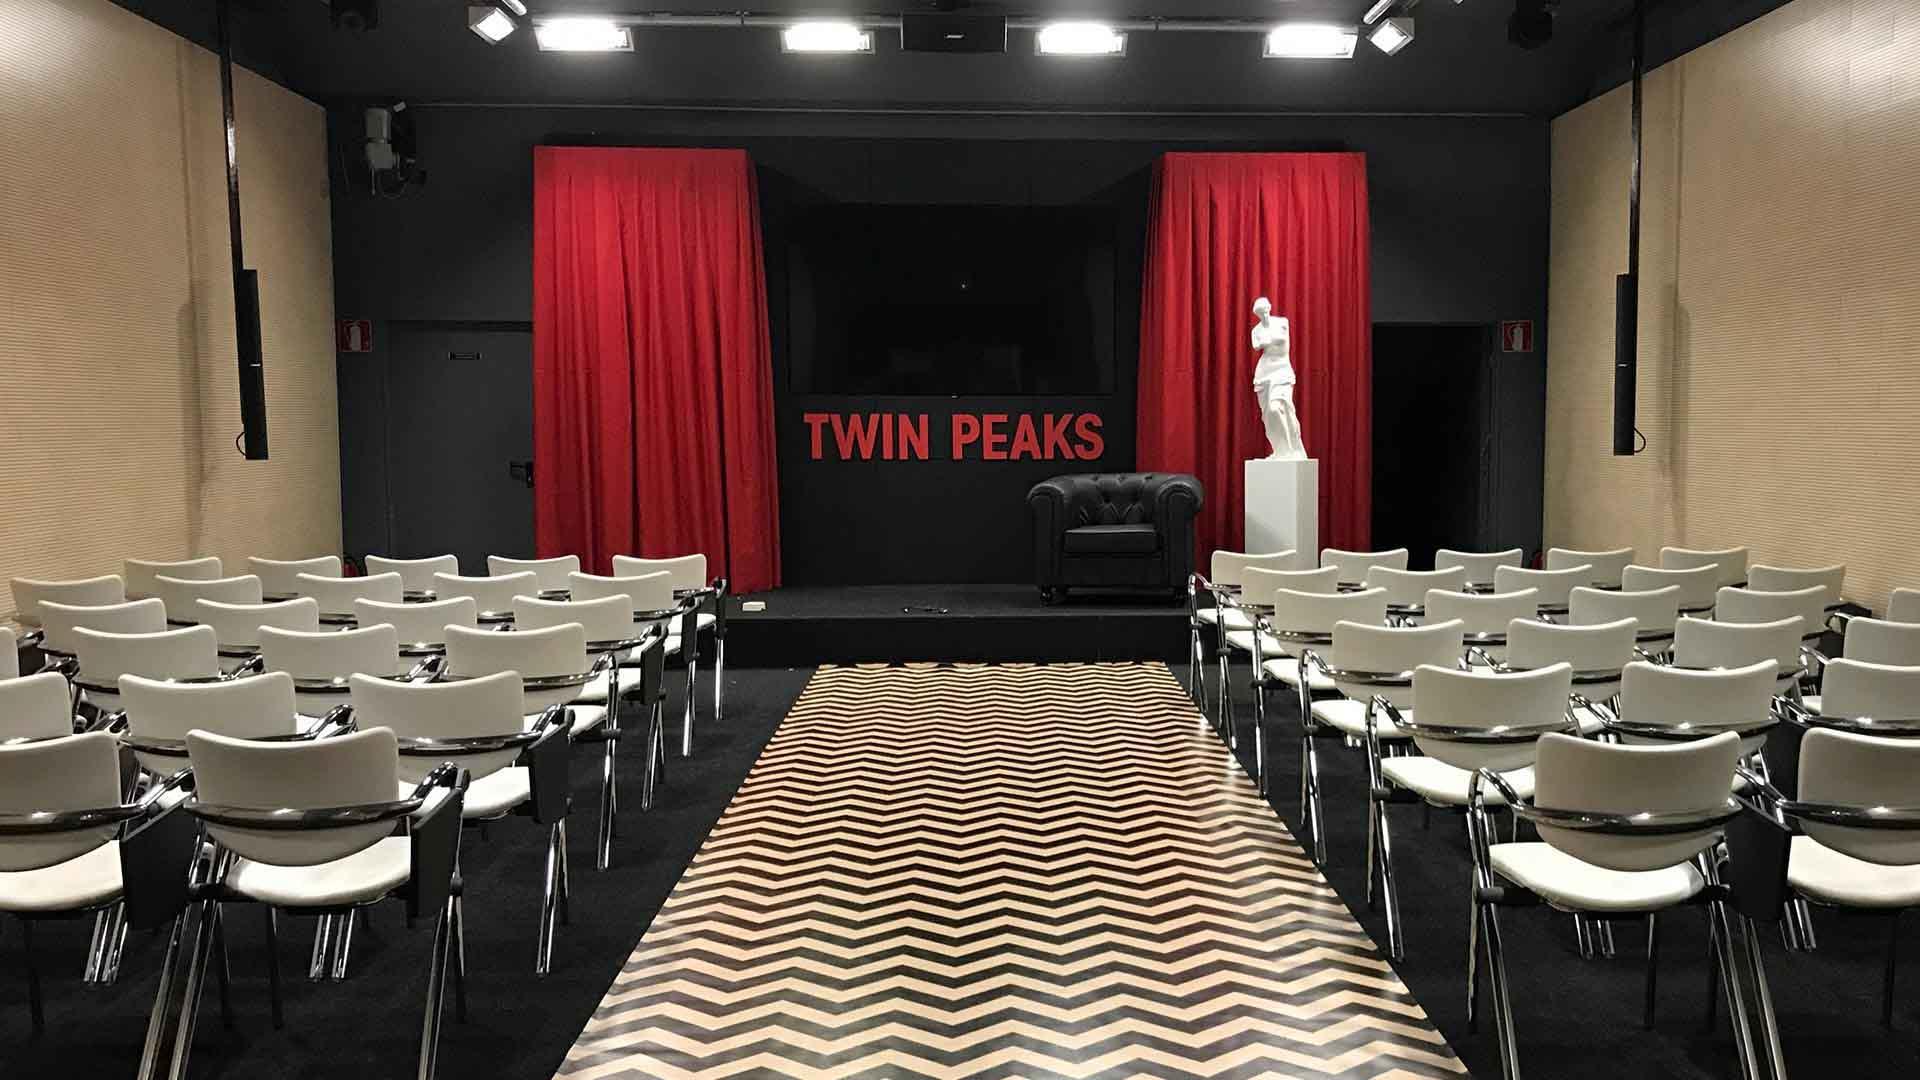 Twin peaks Event presentation. Auditorium design